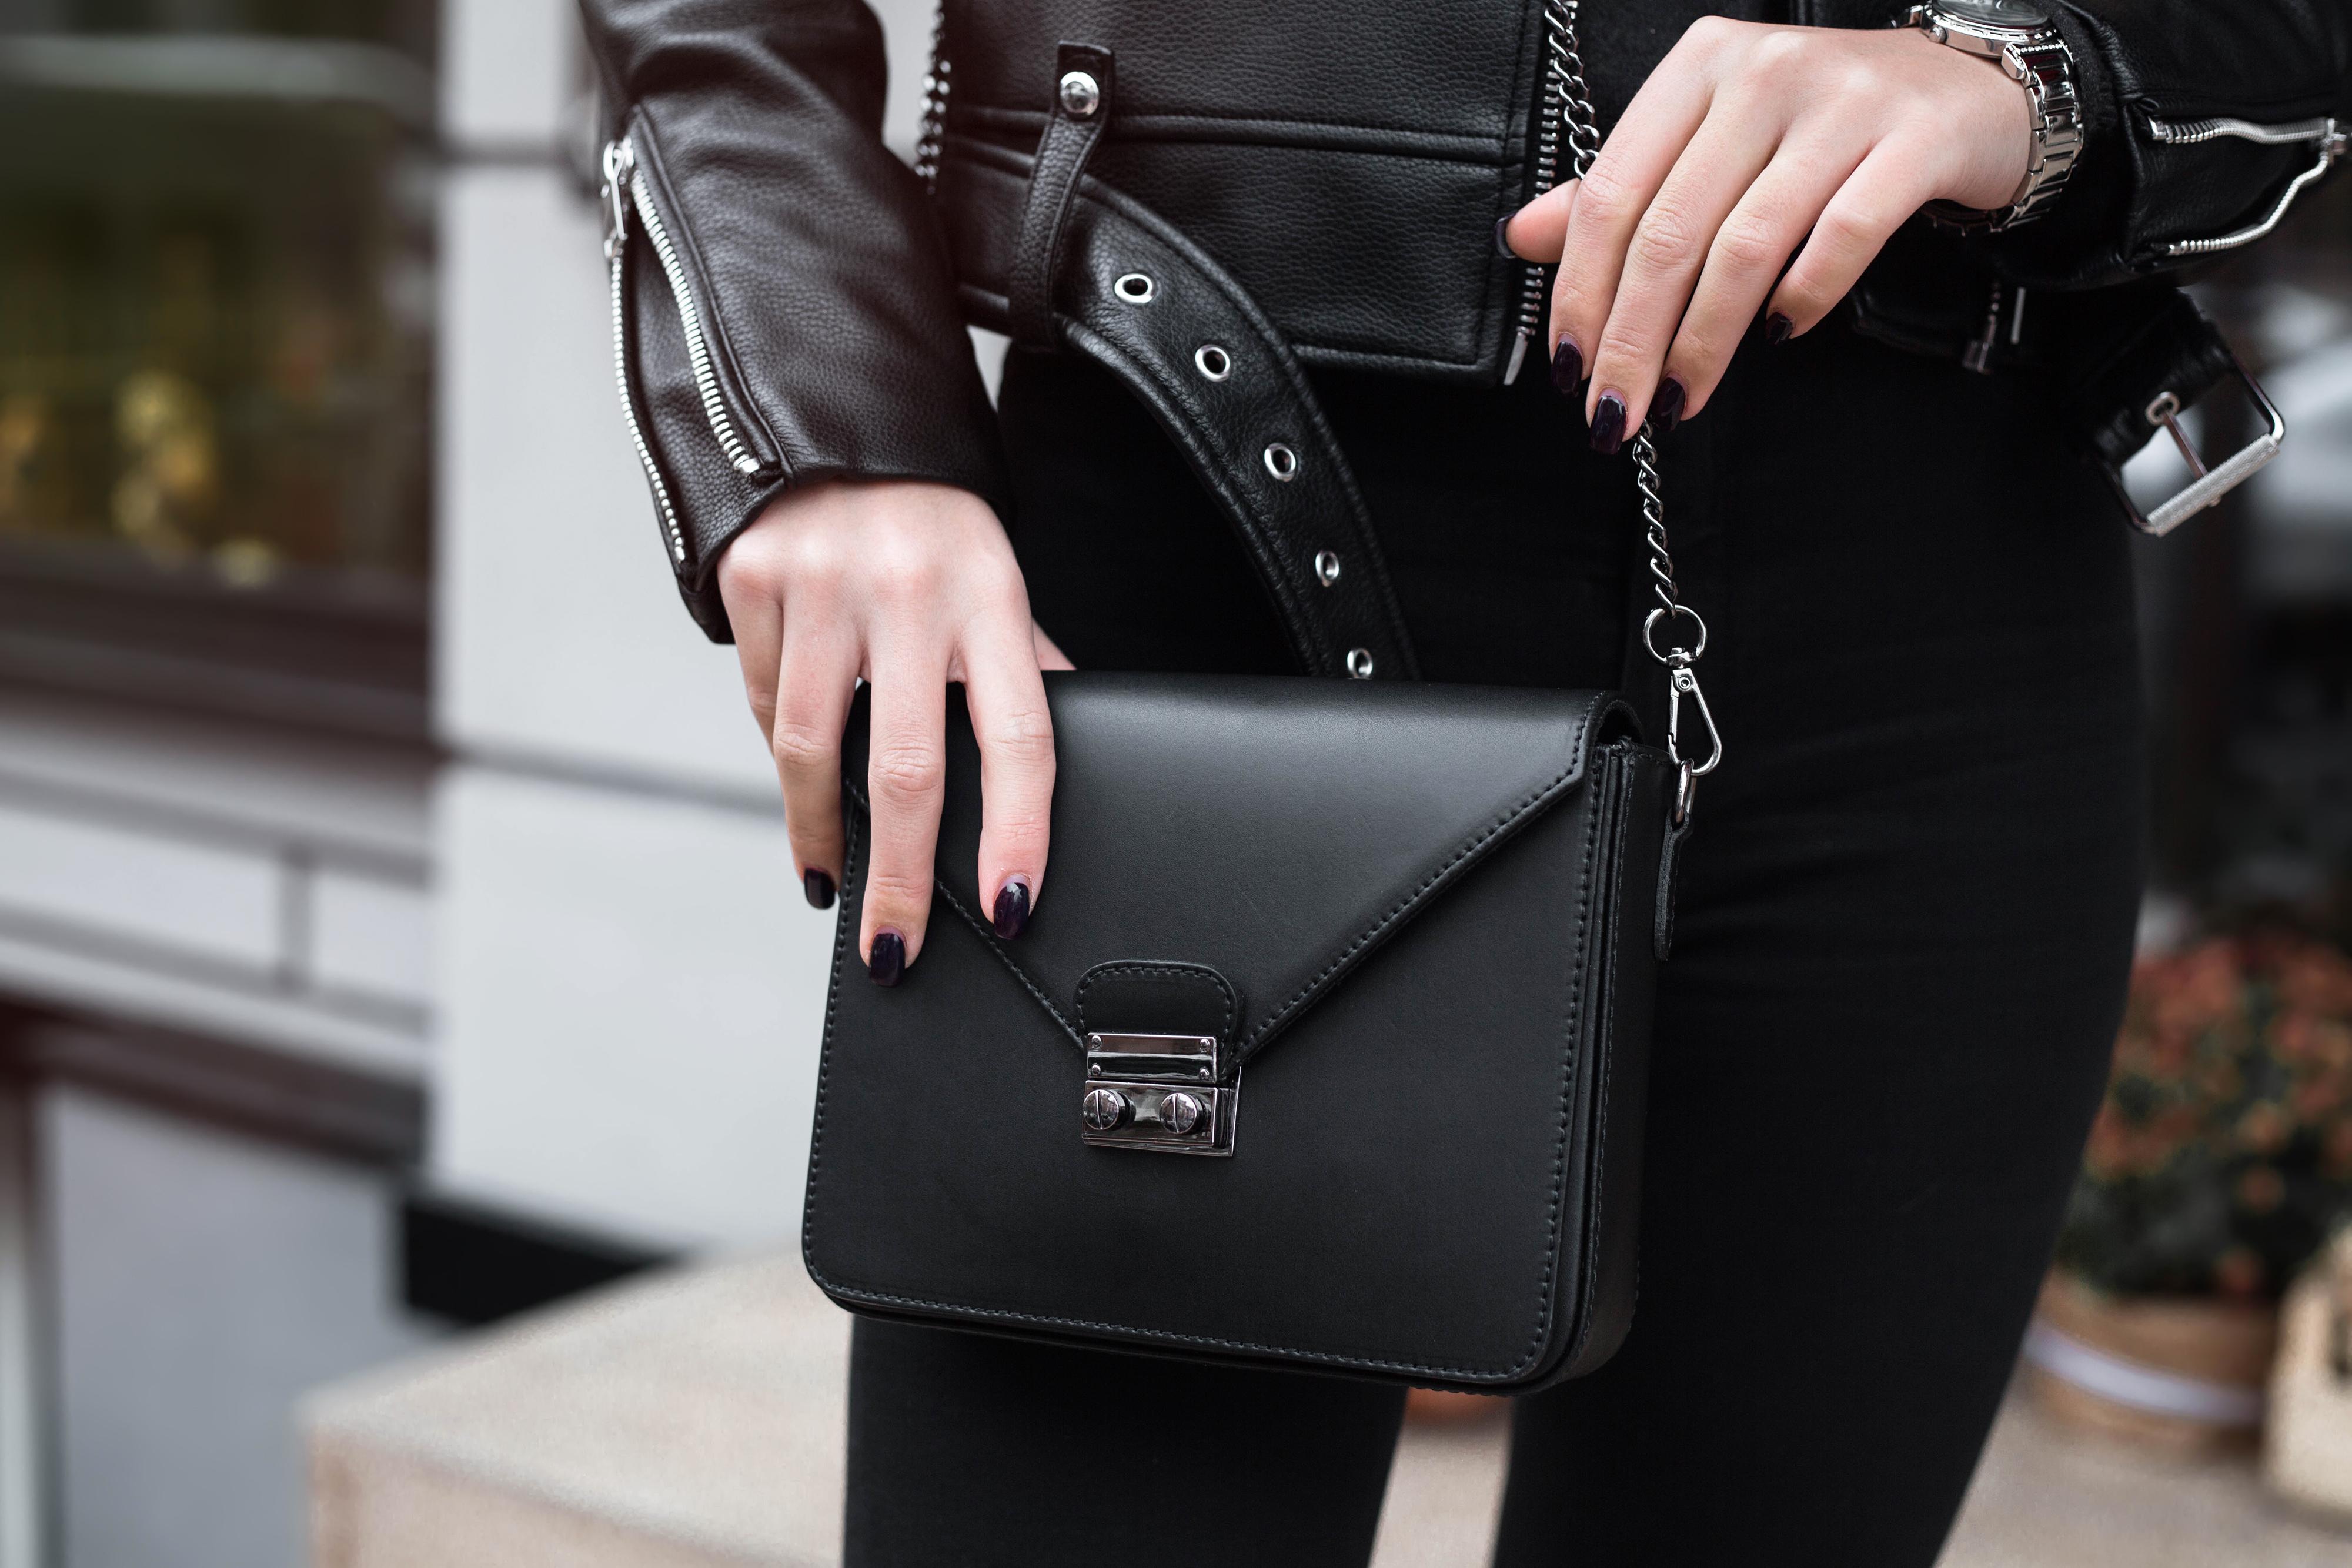 6c18738ce629e Elegancka torebka ze skóry. Niezbędny dodatek dla kobiety z klasą - WP  Kobieta